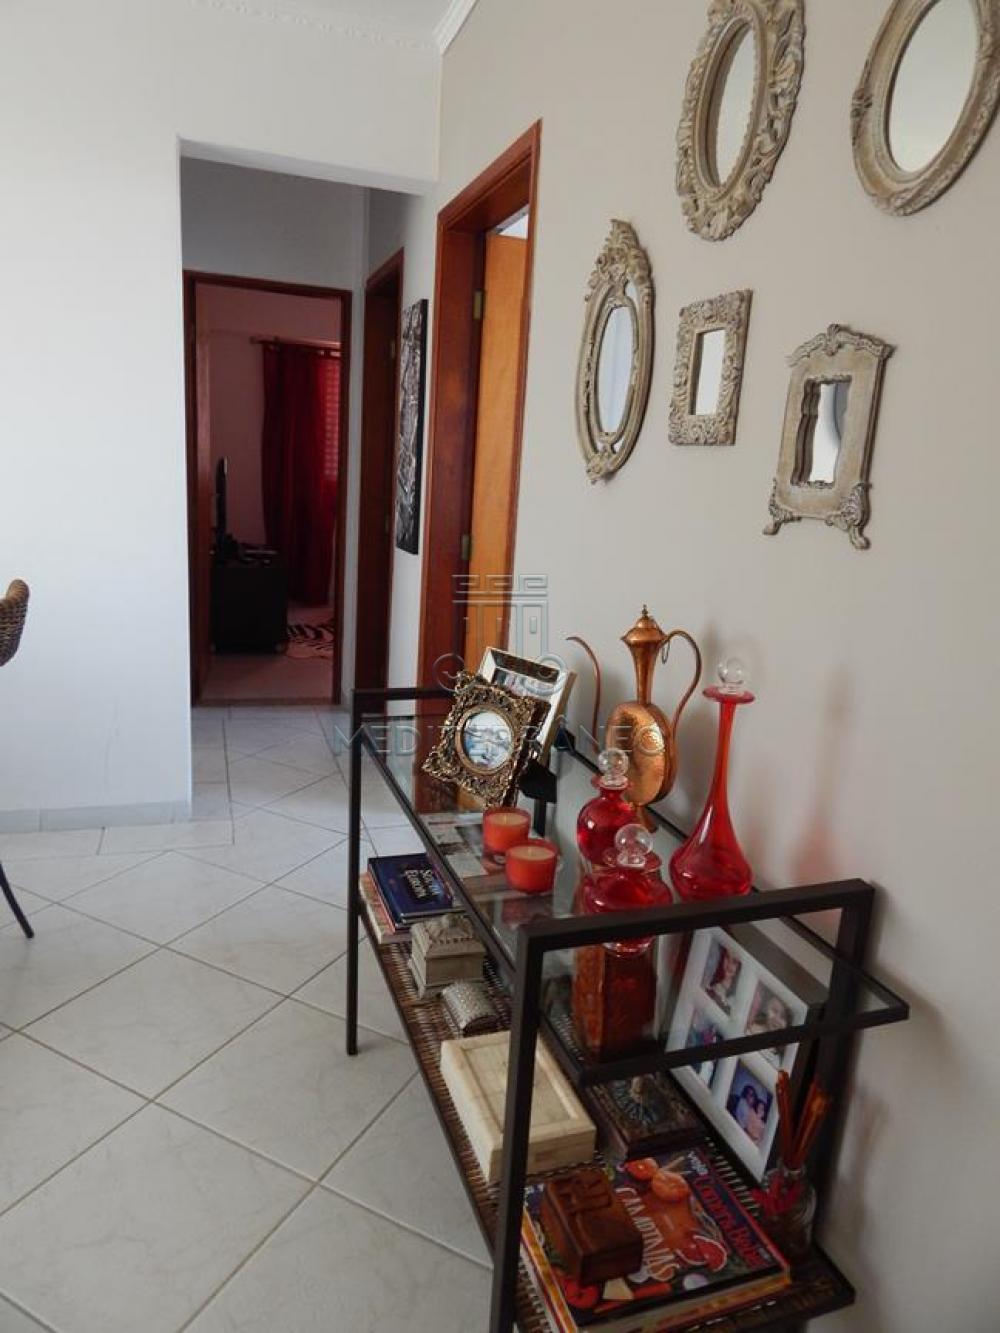 Comprar Apartamento / Padrão em Jundiaí apenas R$ 260.000,00 - Foto 2